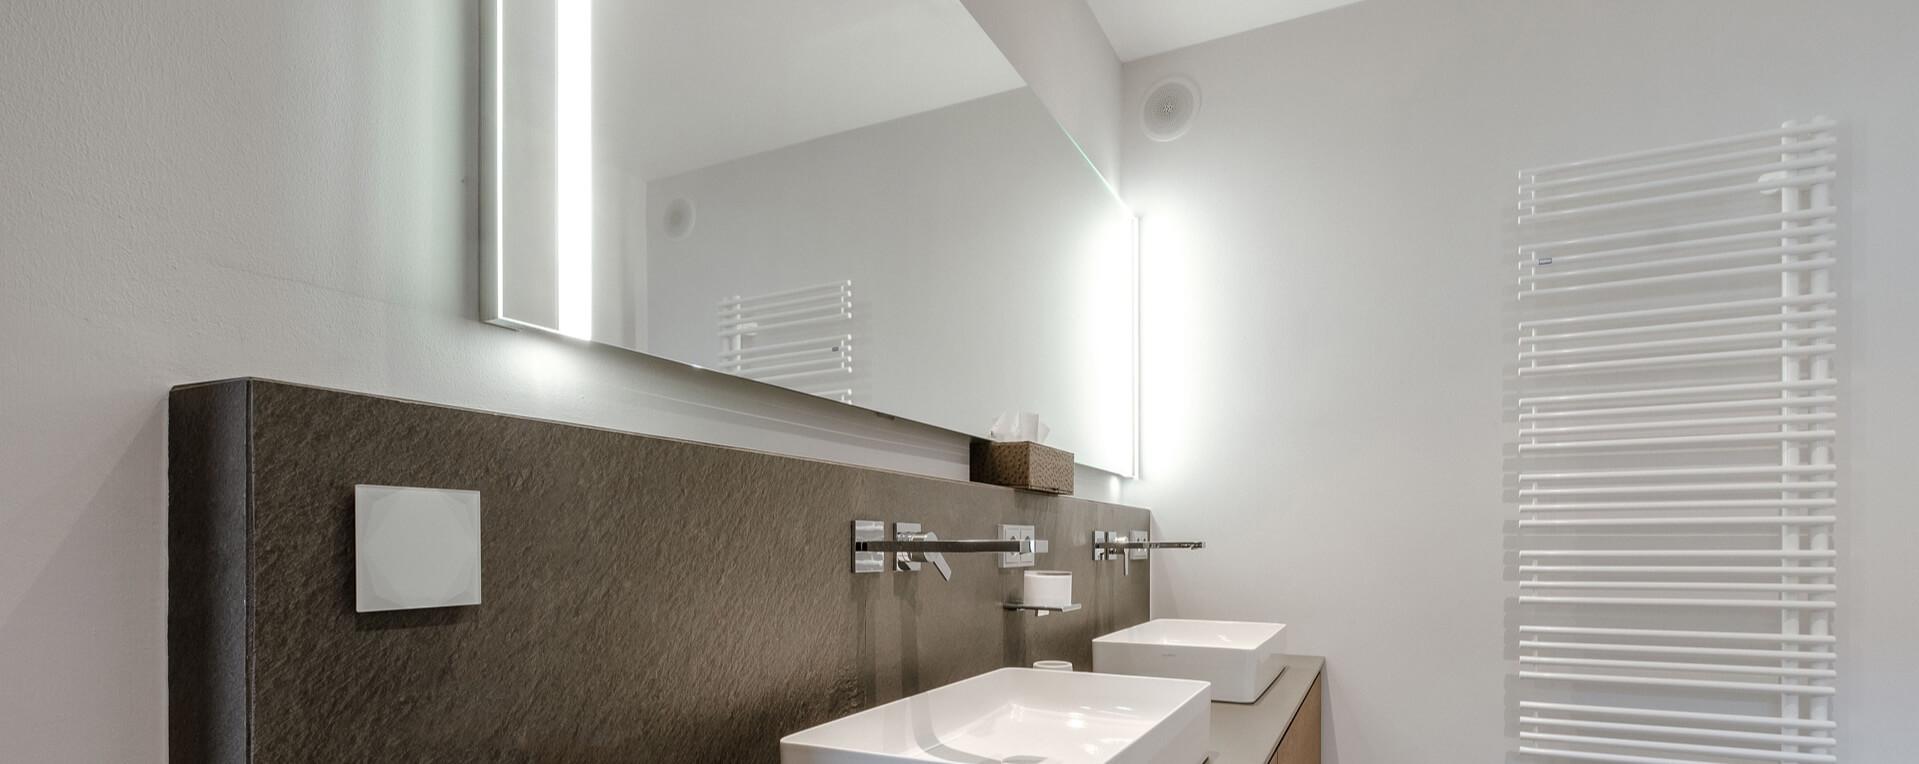 Perfekte Beleuchtung im Badezimmer - so funkioniert\'s!